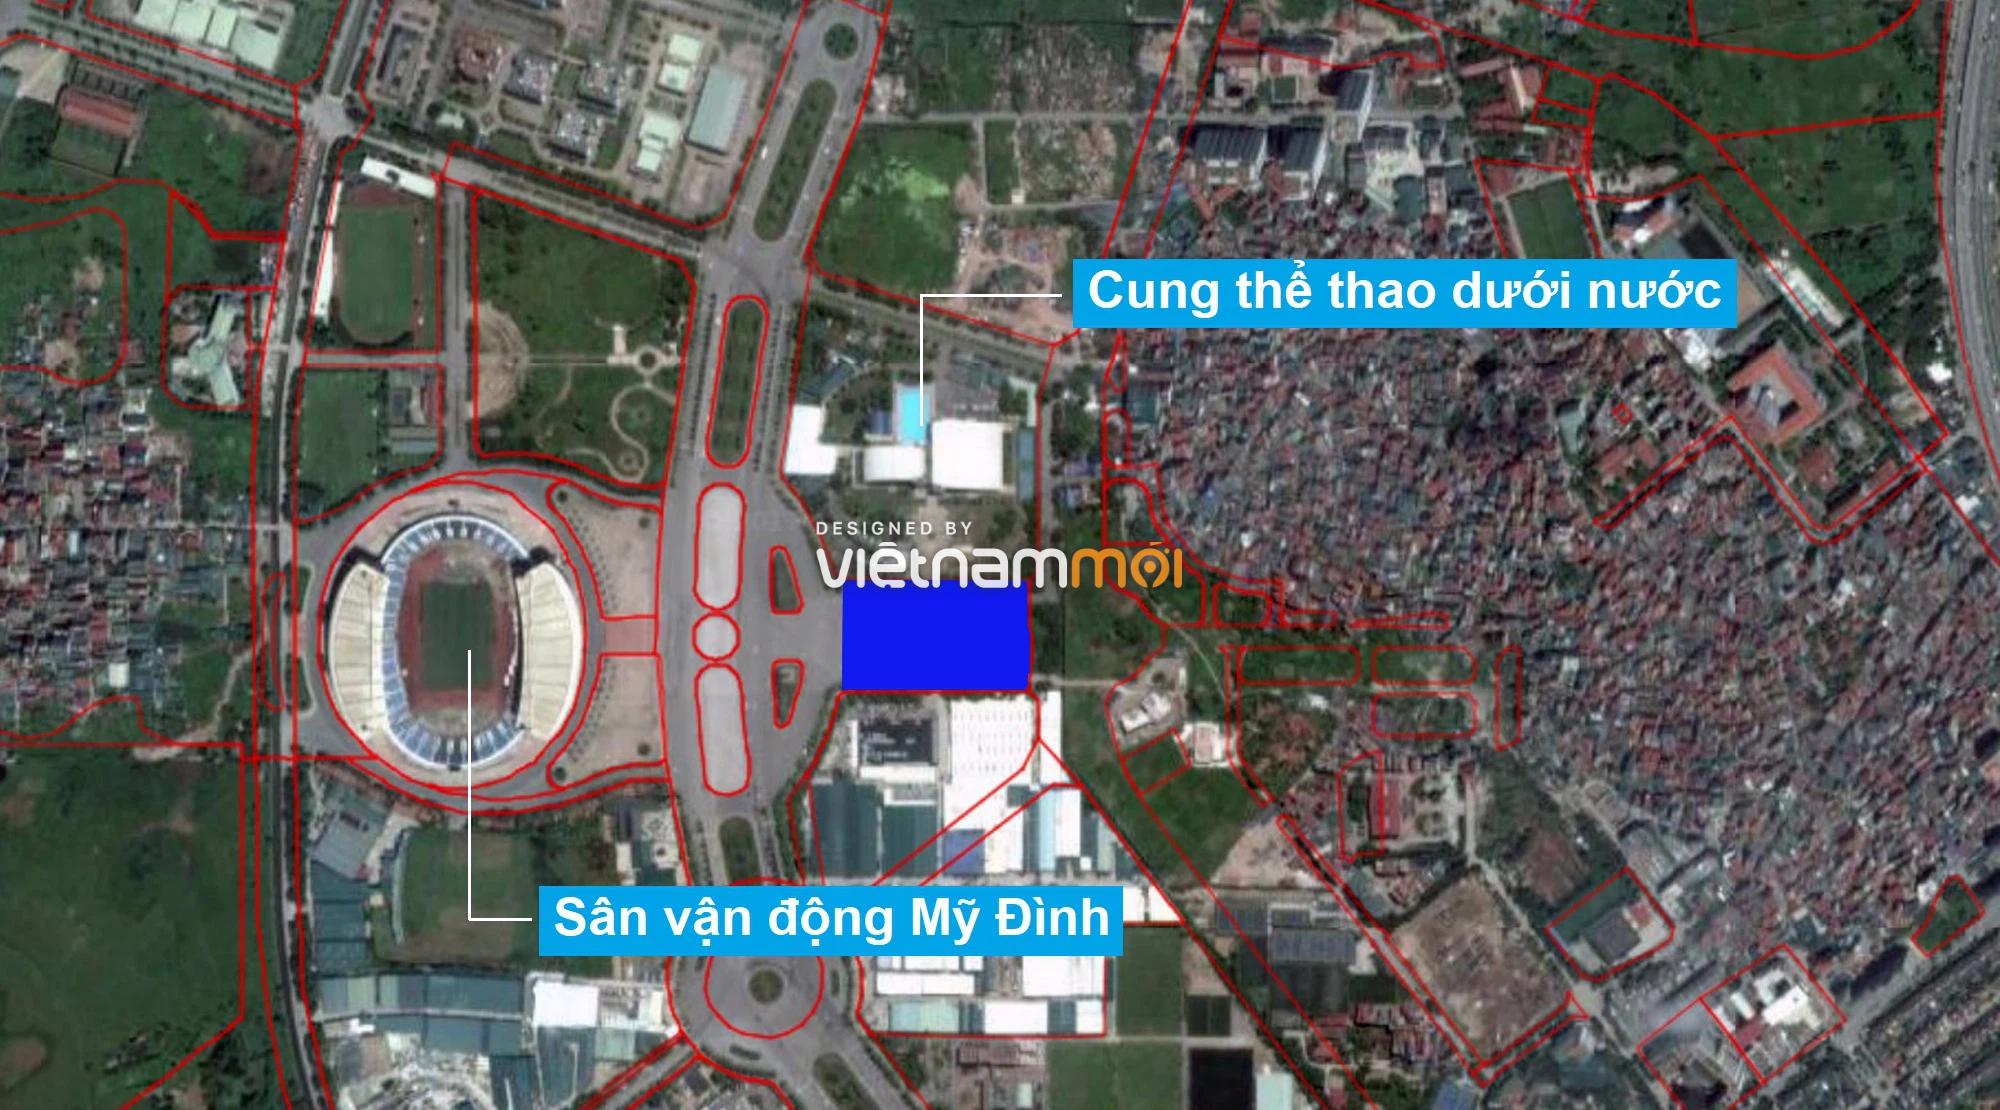 Những khu đất sắp thu hồi để mở đường ở phường Mỹ Đình 1, Nam Từ Liêm, Hà Nội (phần 1) - Ảnh 2.